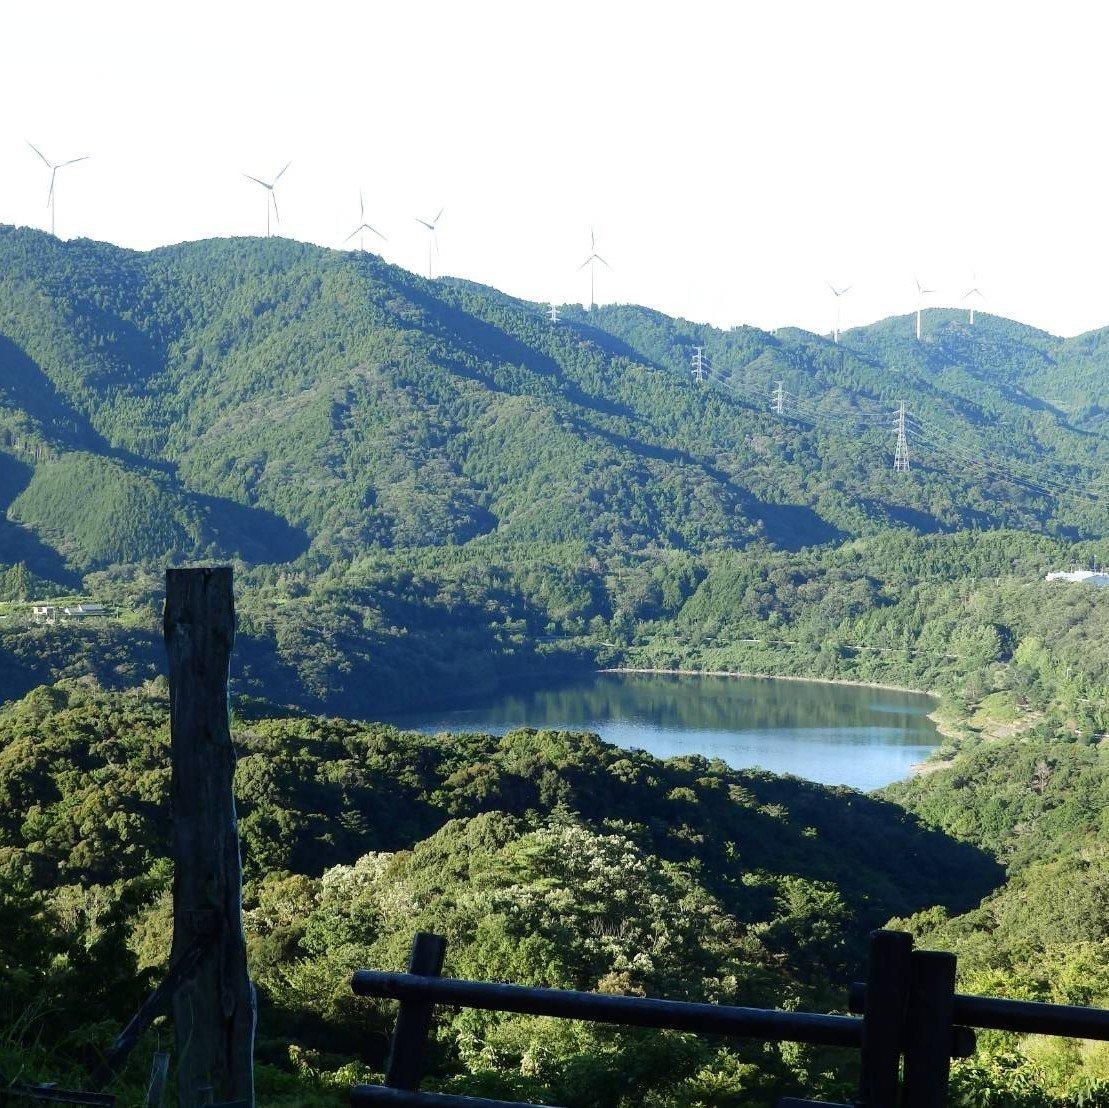 静岡県立観音山少年自然の家(しずおかけんりつかんのんやましょうねんしぜんのいえ)/✿観音山は感動山!/いなさマップ「59」のイメージその1